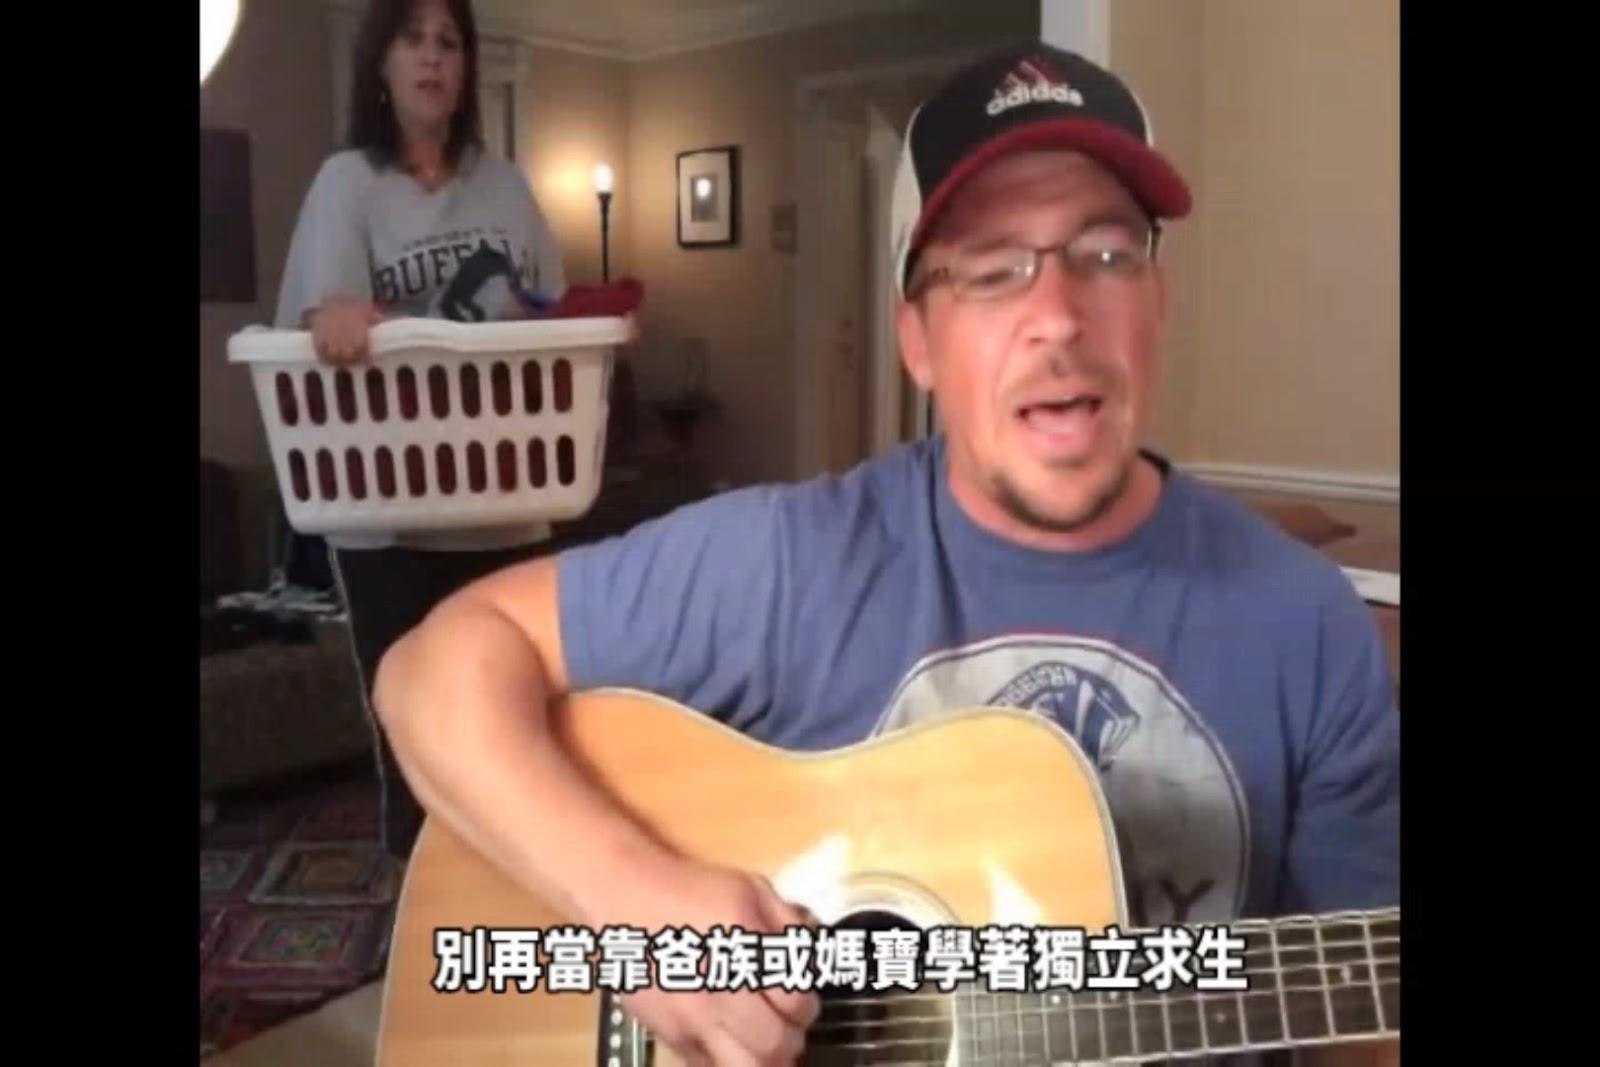 暢銷單曲「Rude」改編版 - 唱出全天下爸爸愛護女兒的心聲(中文字幕)